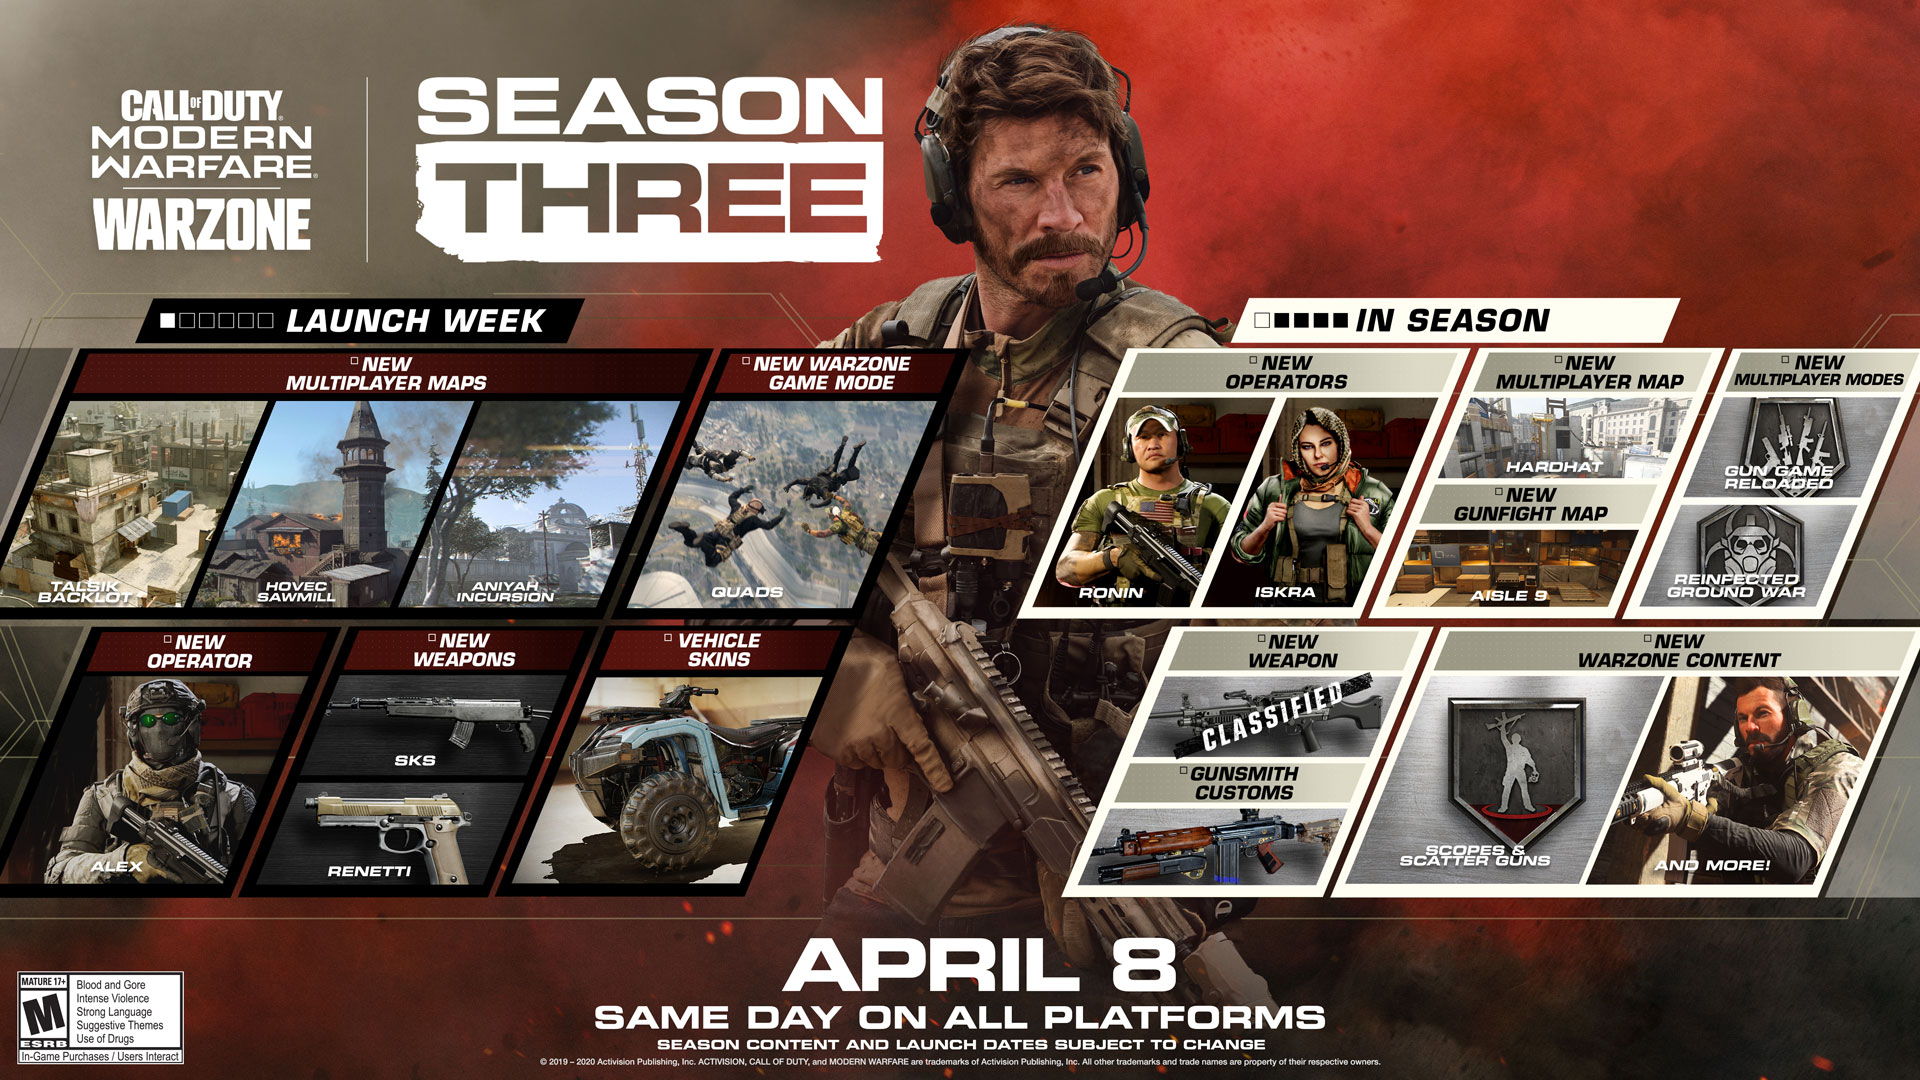 Call of Duty Modern Warfare Saison 3 roadmap Infinity Ward